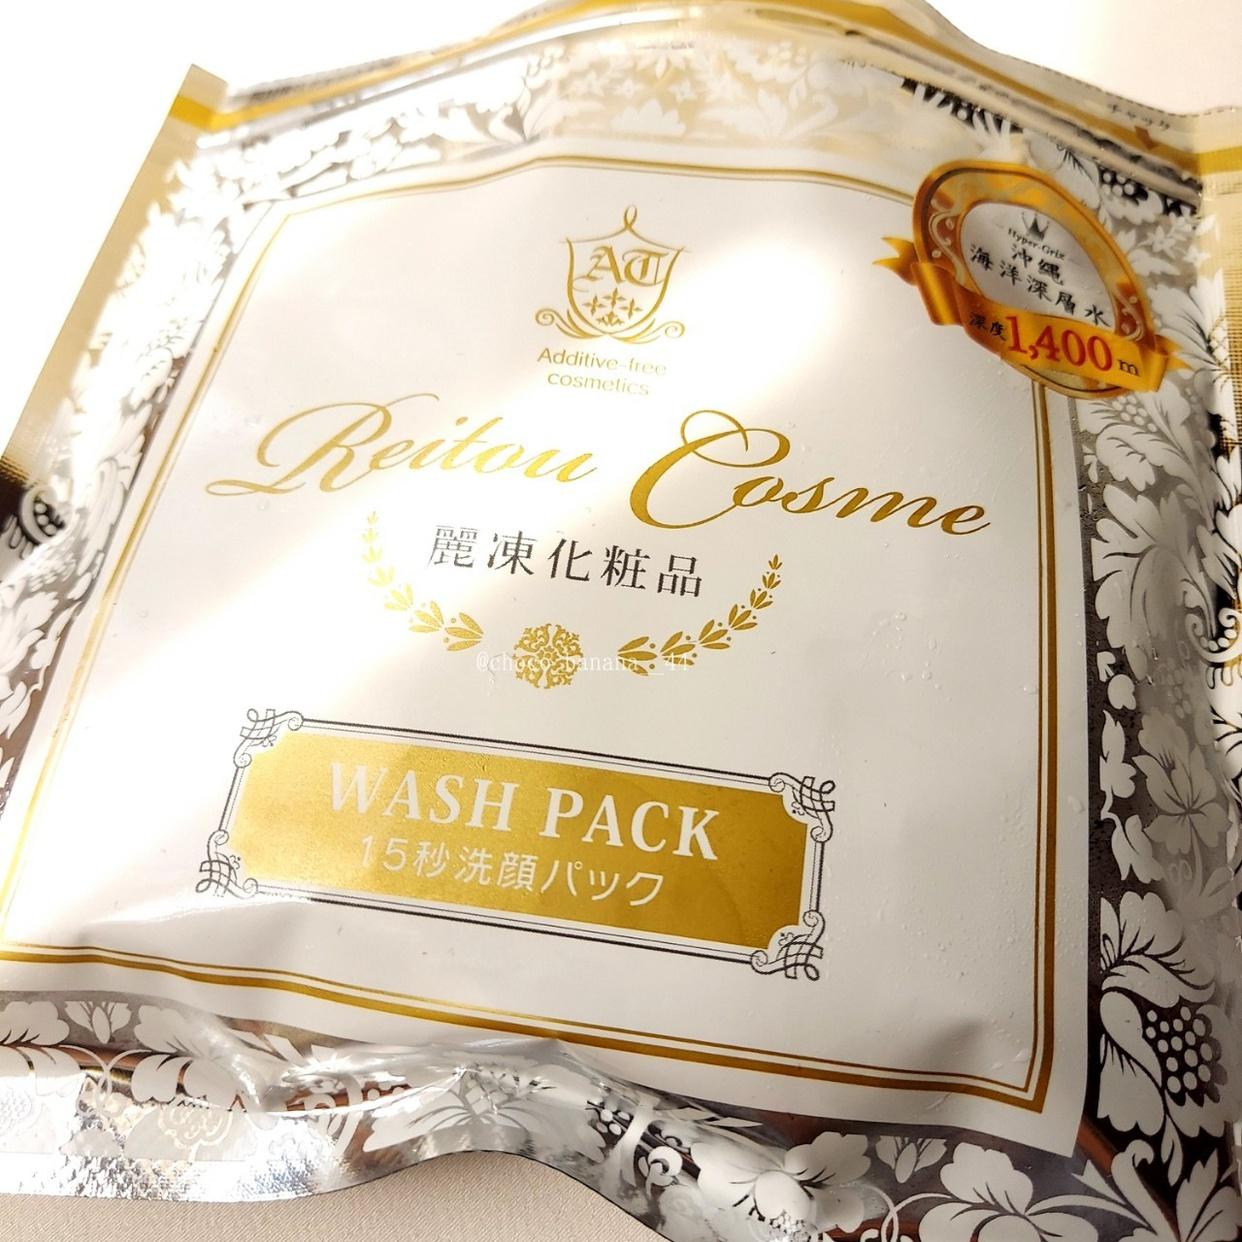 麗凍化粧品(Reitou Cosme) 15秒洗顔パックを使ったししさんのクチコミ画像2